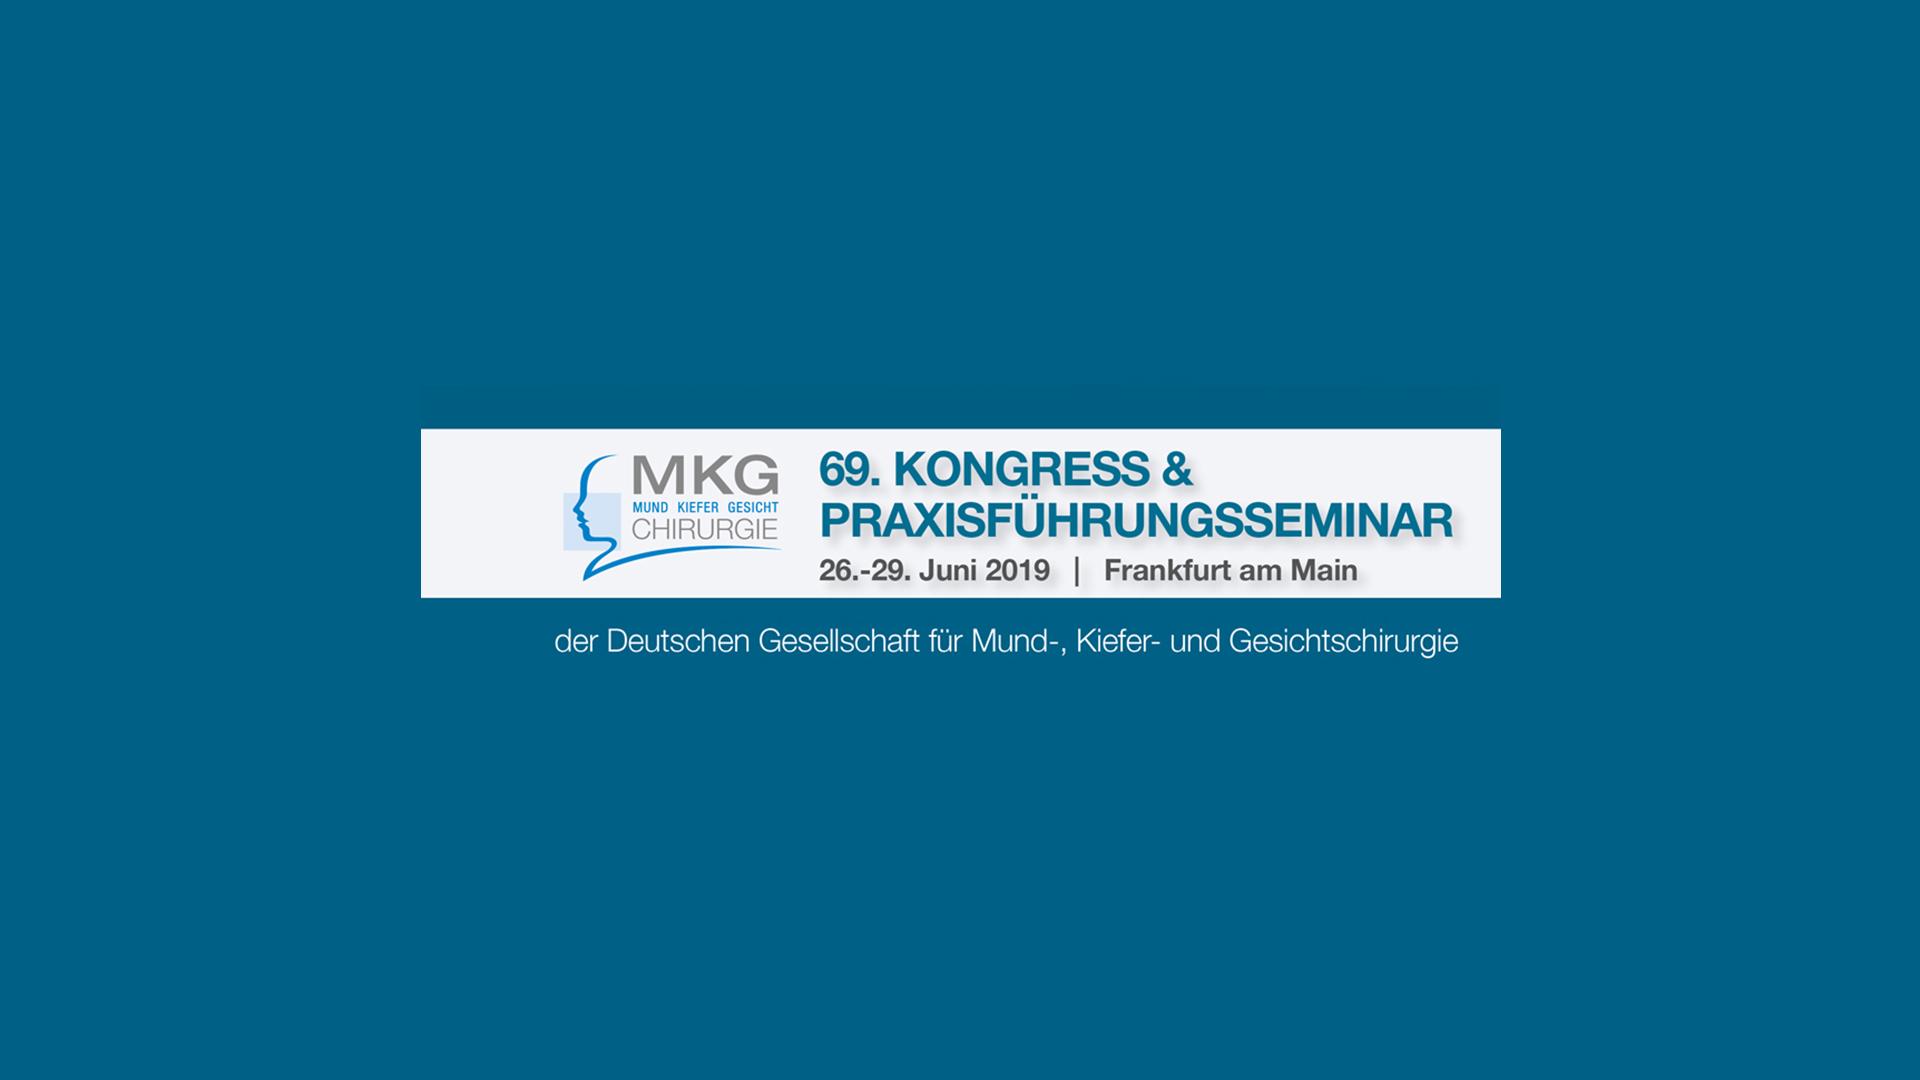 69. Kongress der Deutschen Gesellschaft für Mund-, Kiefer und Gesichtschirurgie, Frankfurt